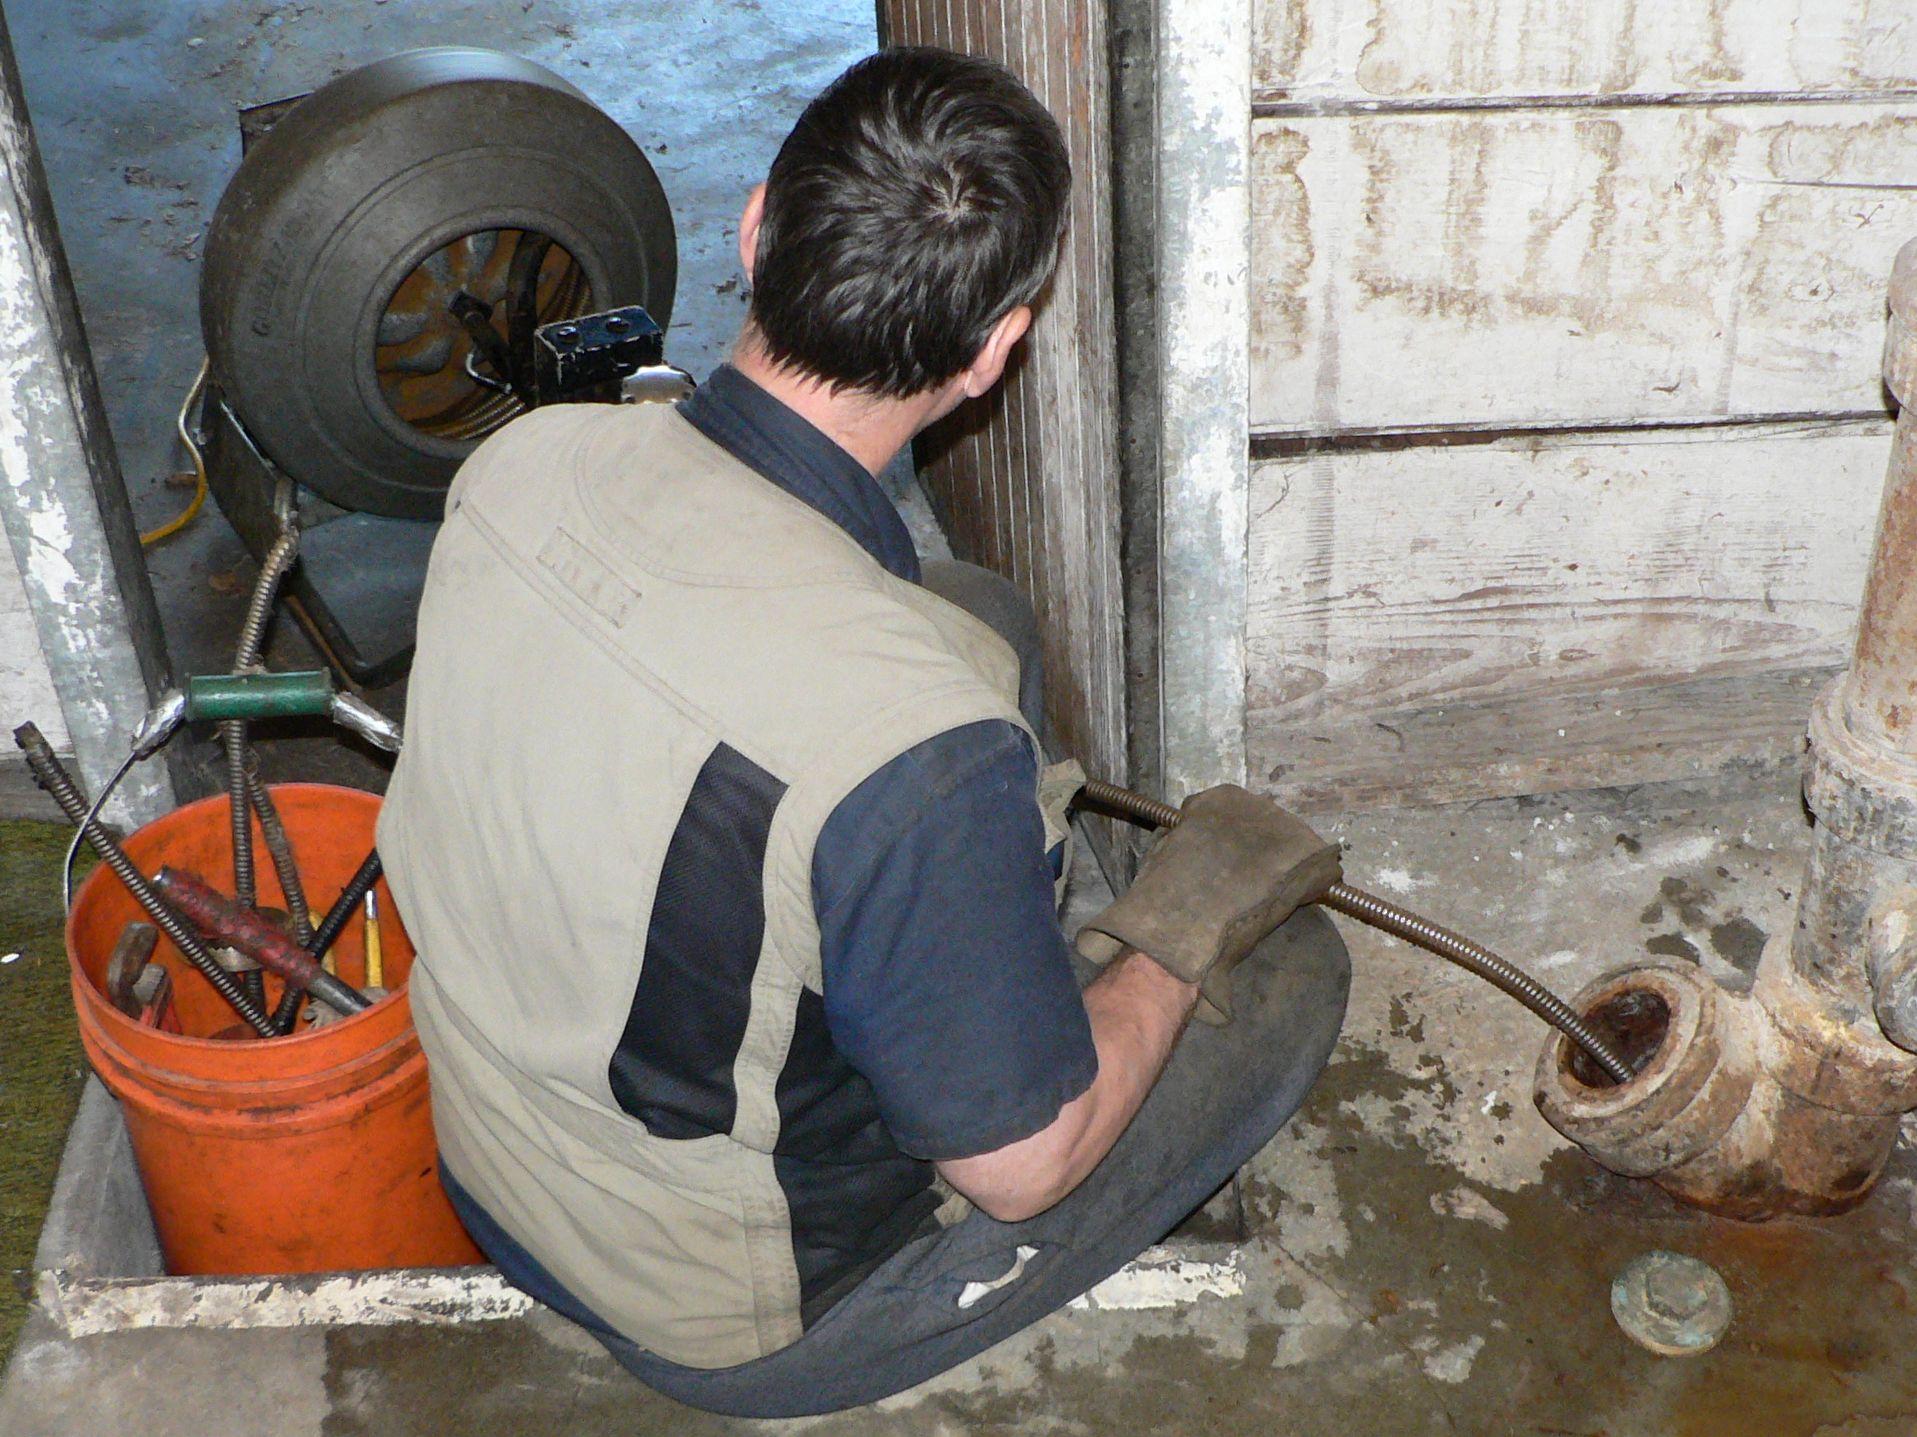 Hatékony duguláselhárítás Újbudán és környékén